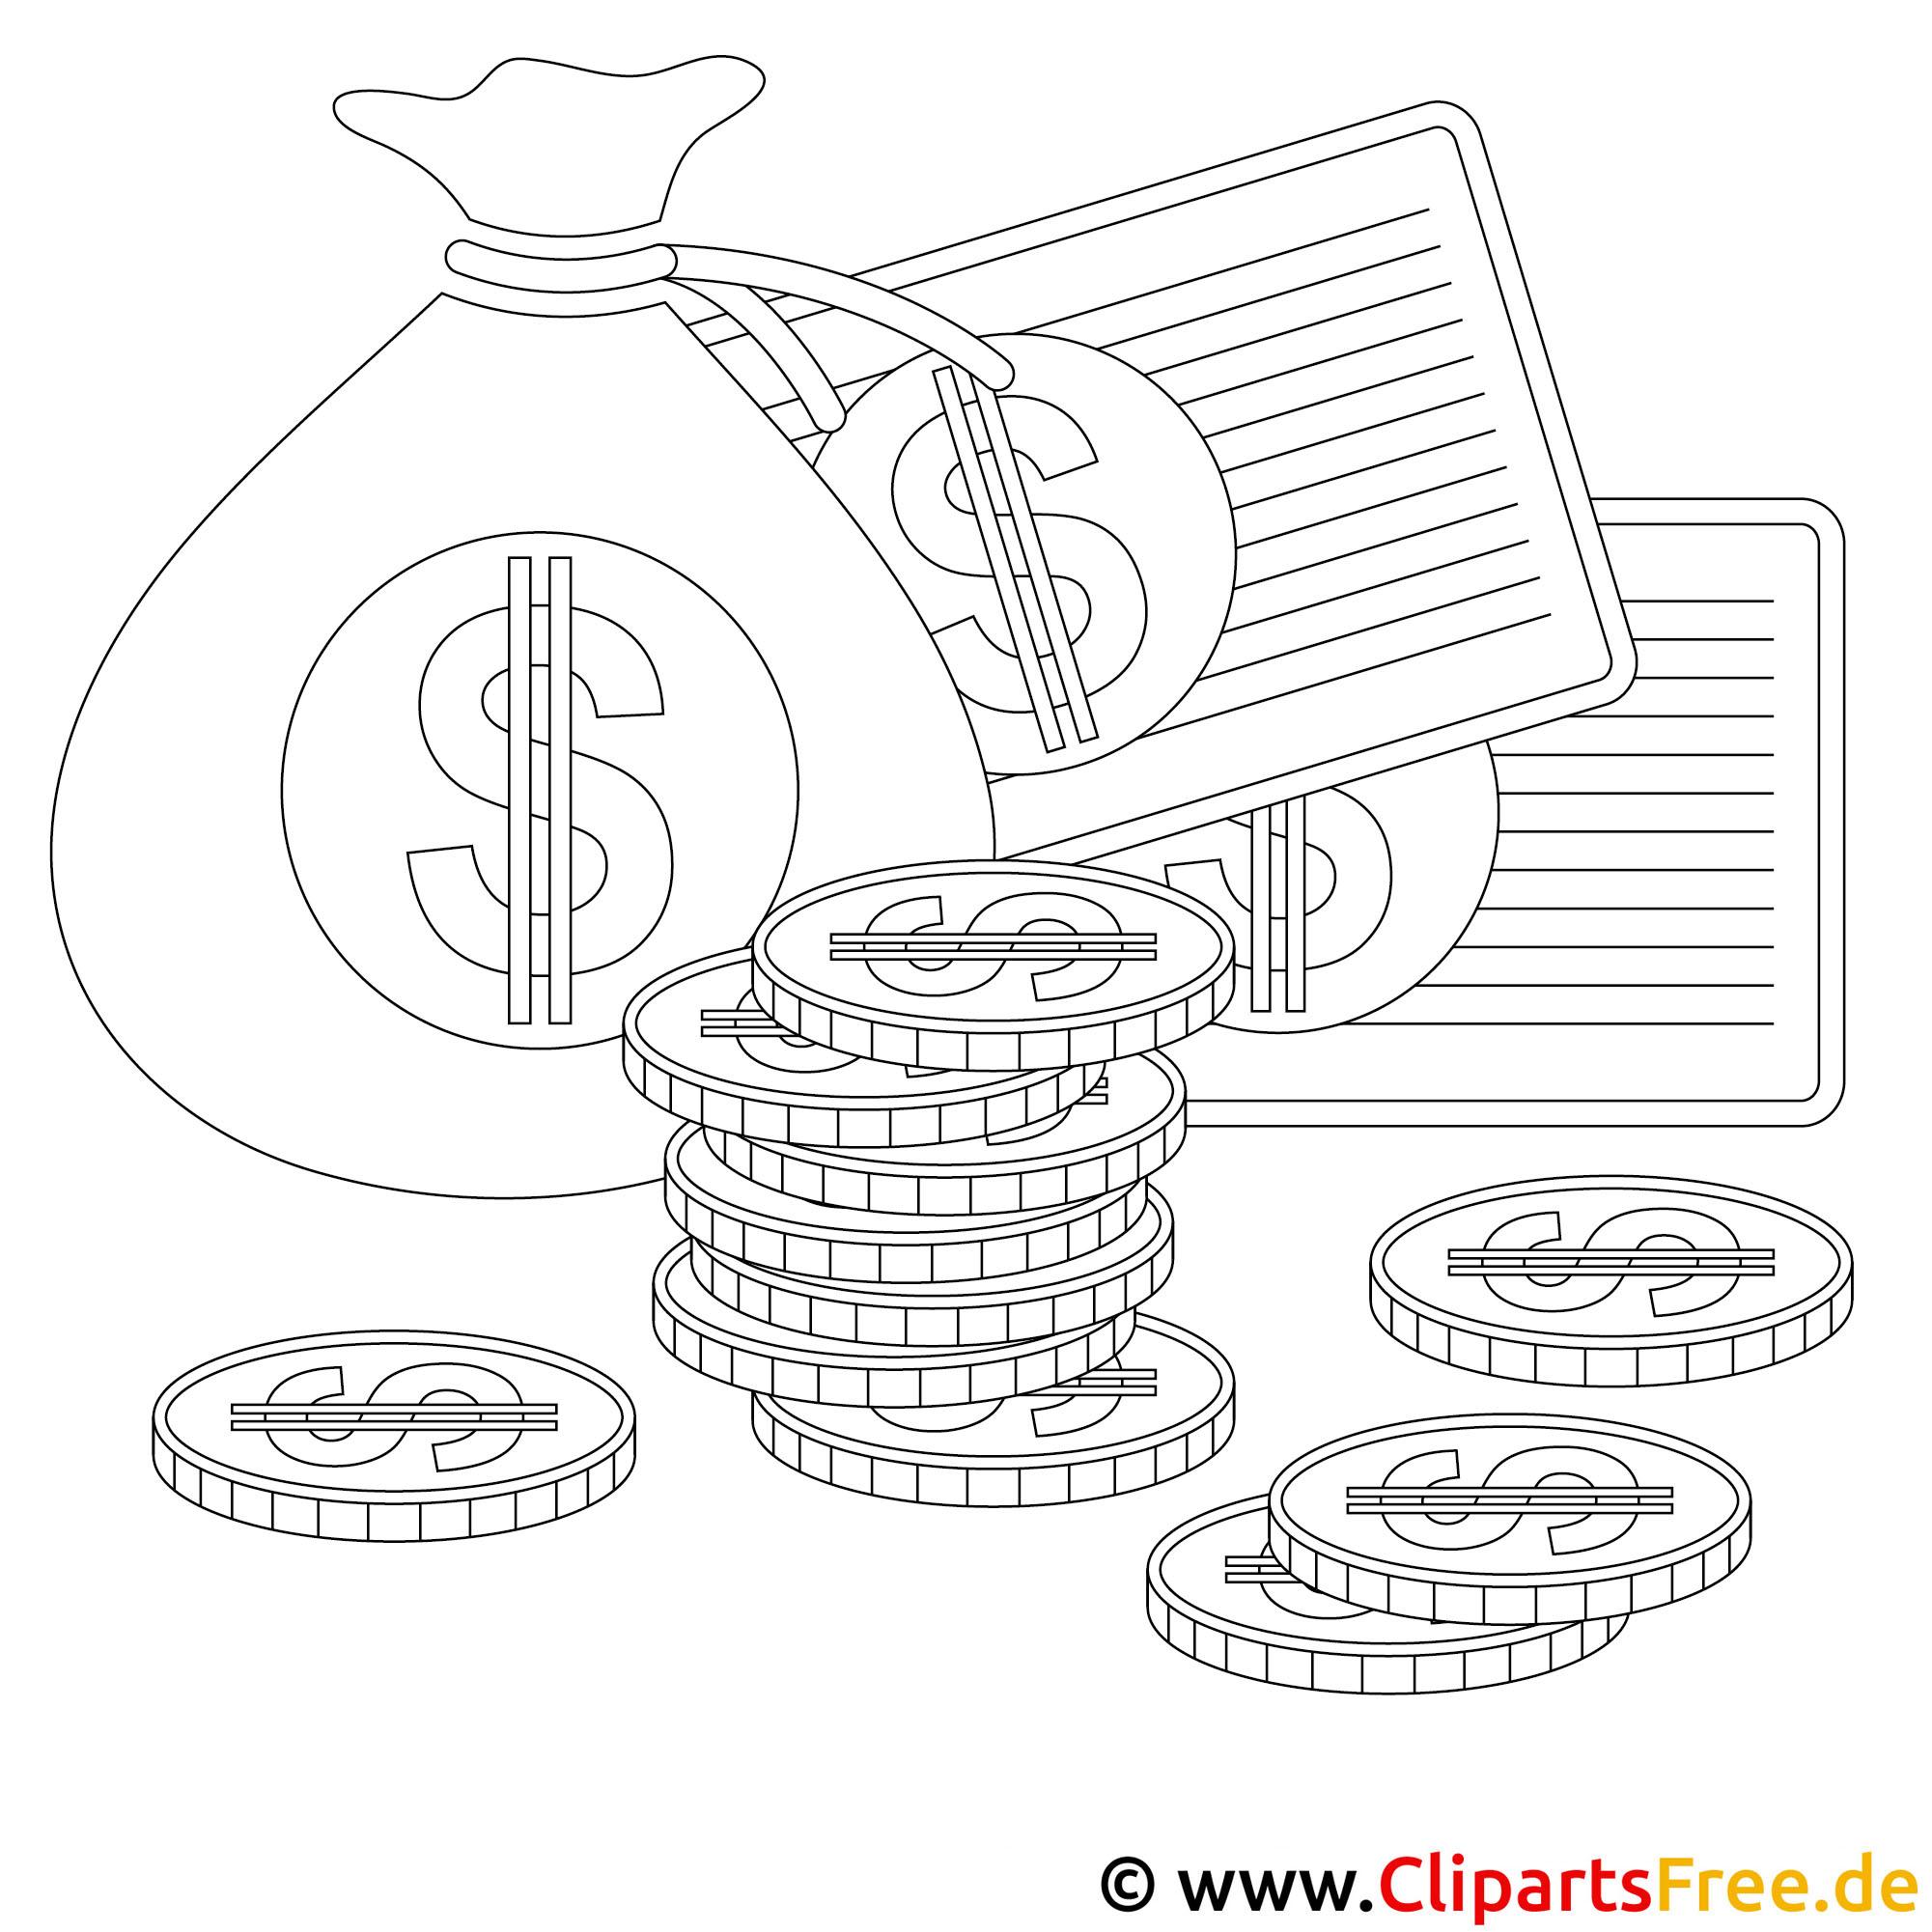 Malvorlagen Kostenlos Geld ~ Die Beste Idee Zum Ausmalen von Seiten